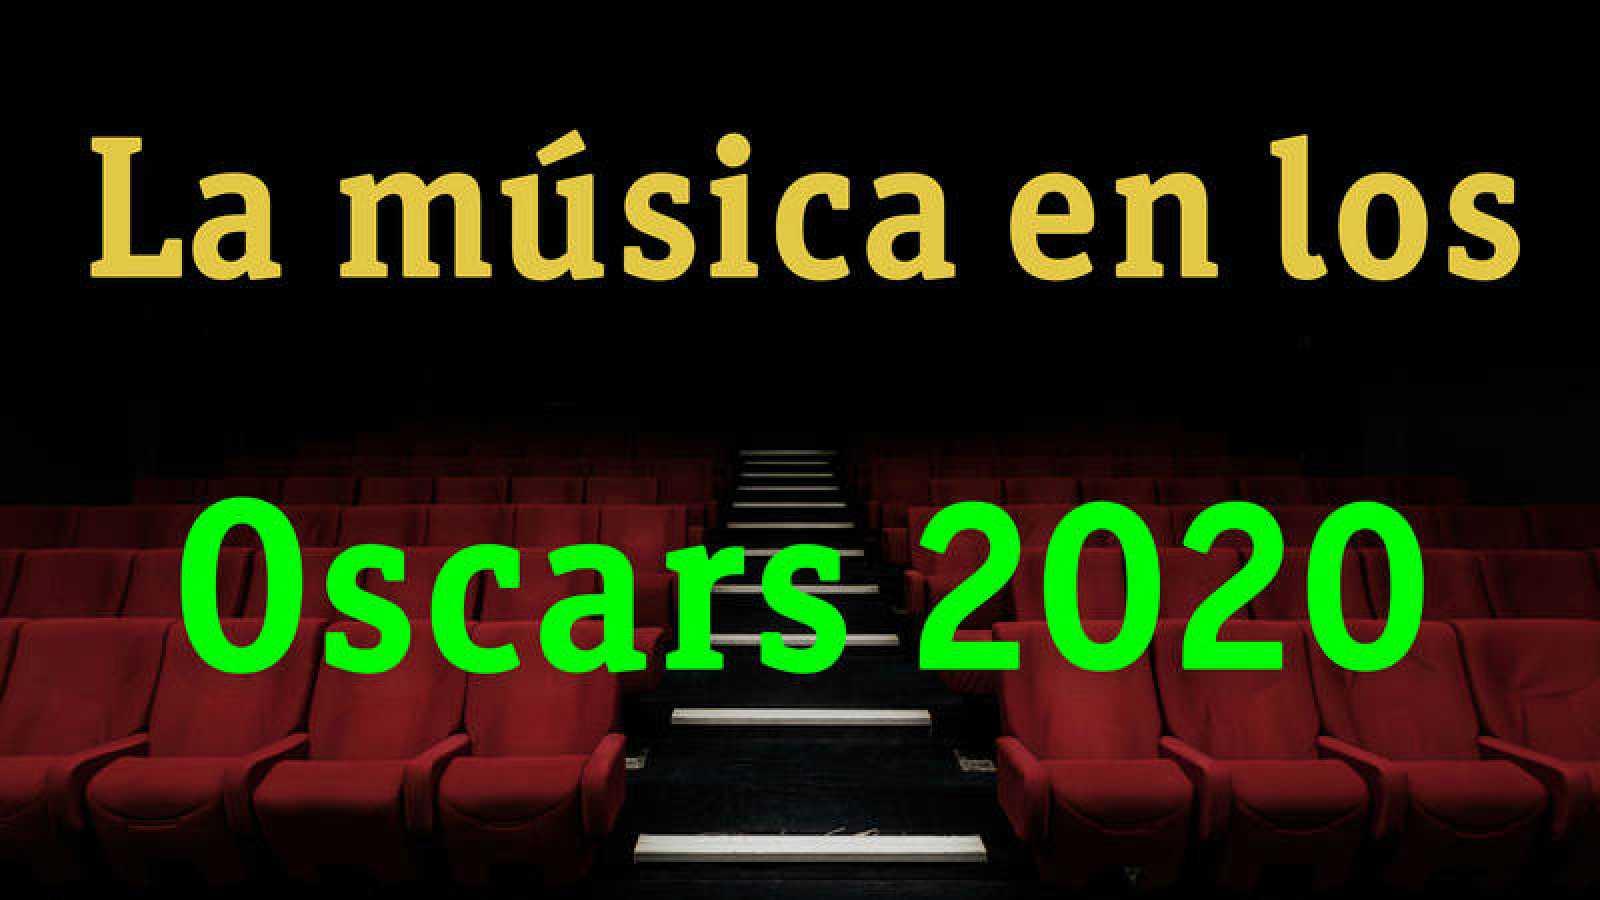 Resultado de imagen de la musica de los oscar 2020